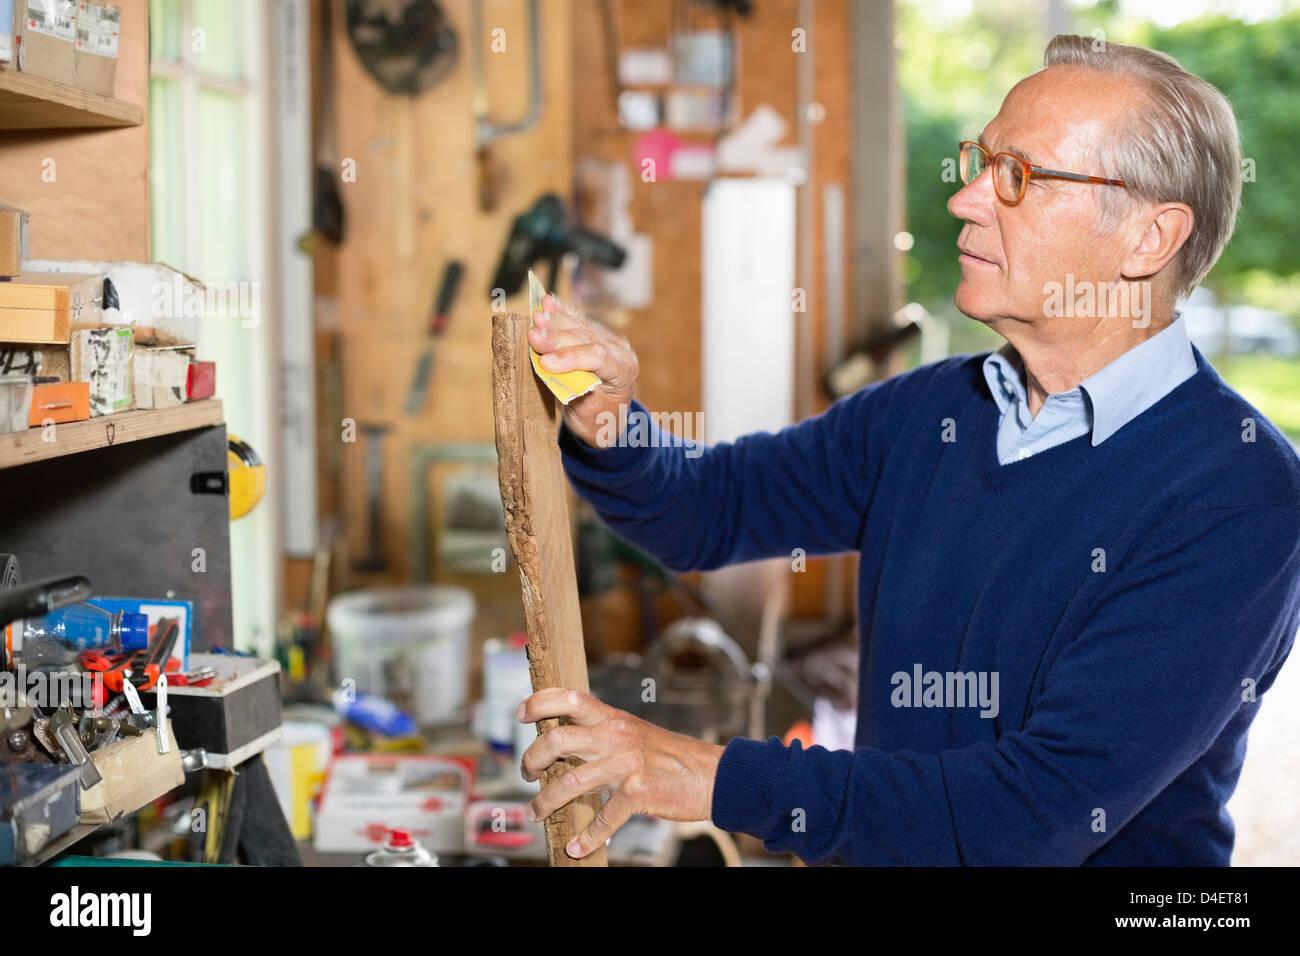 Ponçage dans l'homme de bois garage Photo Stock